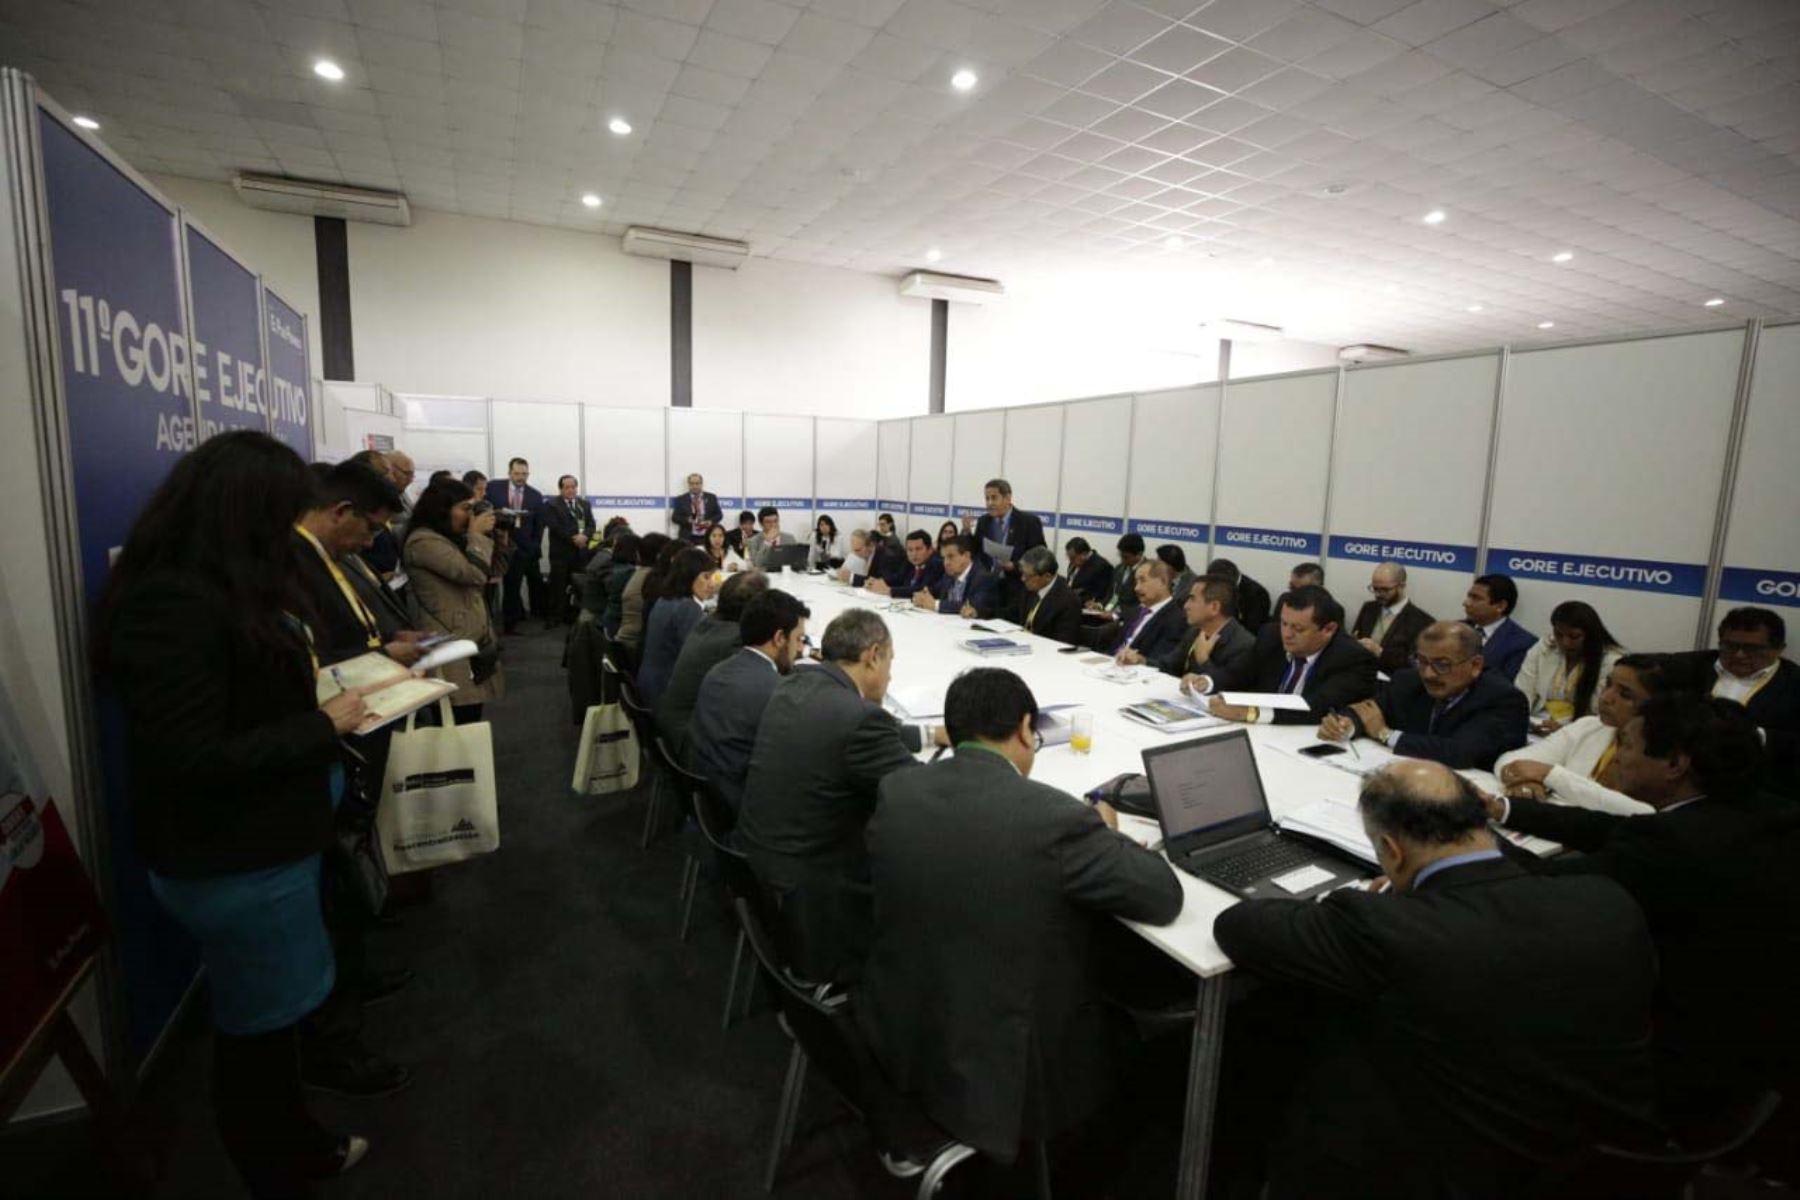 Gobernadores regionales y autoridades del gobierno se reúnen  en el 11º Gore Ejecutivo en la Fortaleza Real Felipe del Callao.  Foto:ANDINA/PCM